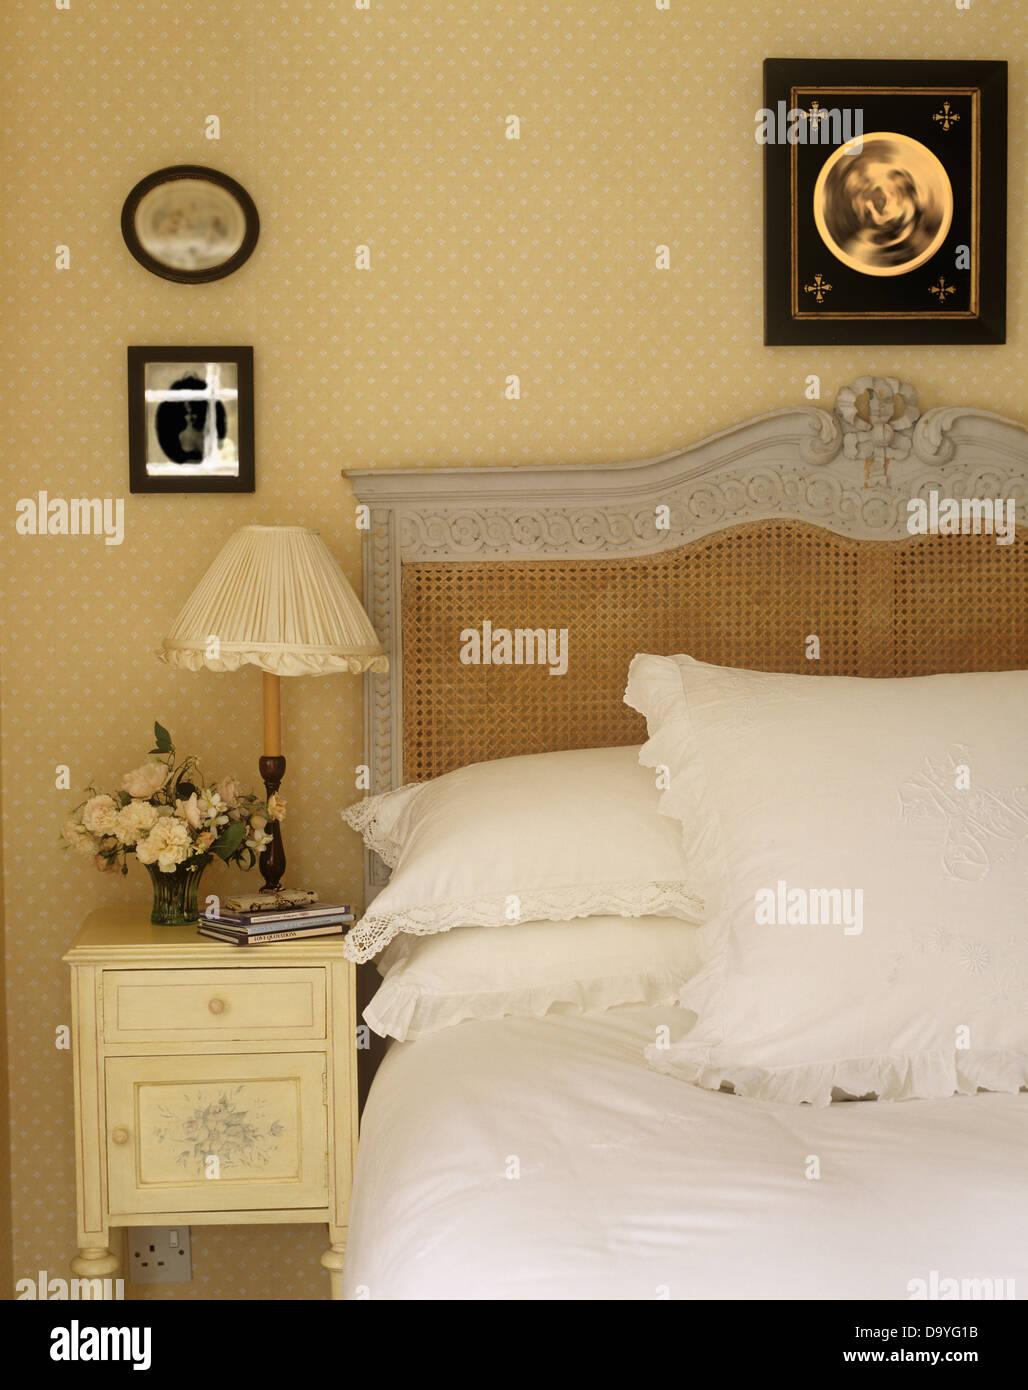 Creme Lampe Und Schrank Neben Blass Grau Bergere Bett Mit Weißen Kissen Und  Bettwäsche In Französischer Landhaus Schlafzimmer